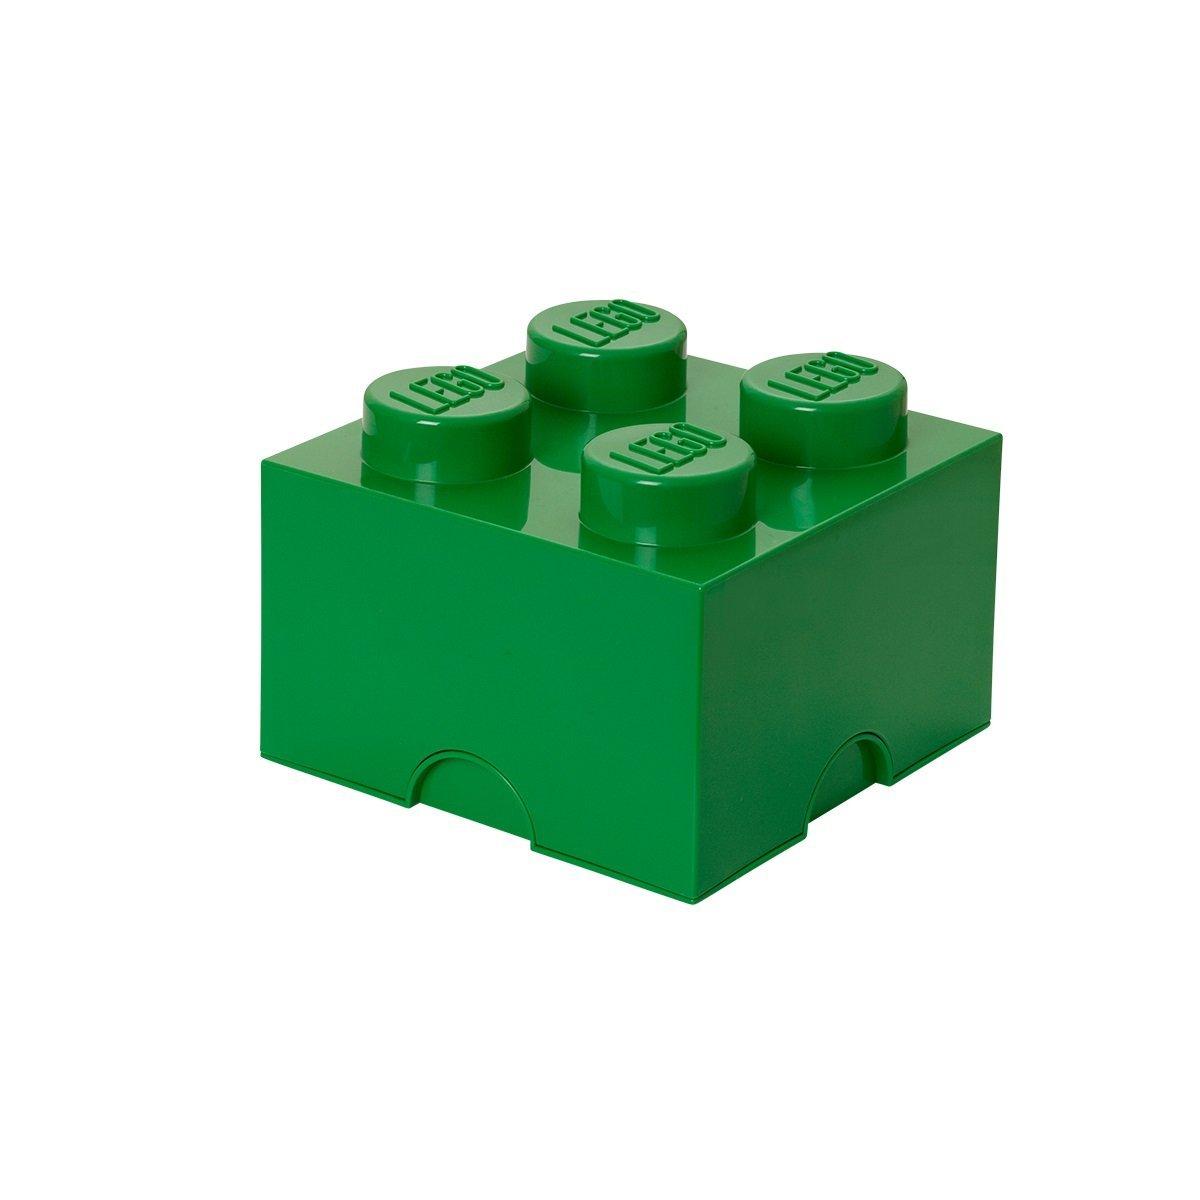 Lego opbevaringskasse 4 - grøn, +10 stk. på lager fra Lego på pixizoo